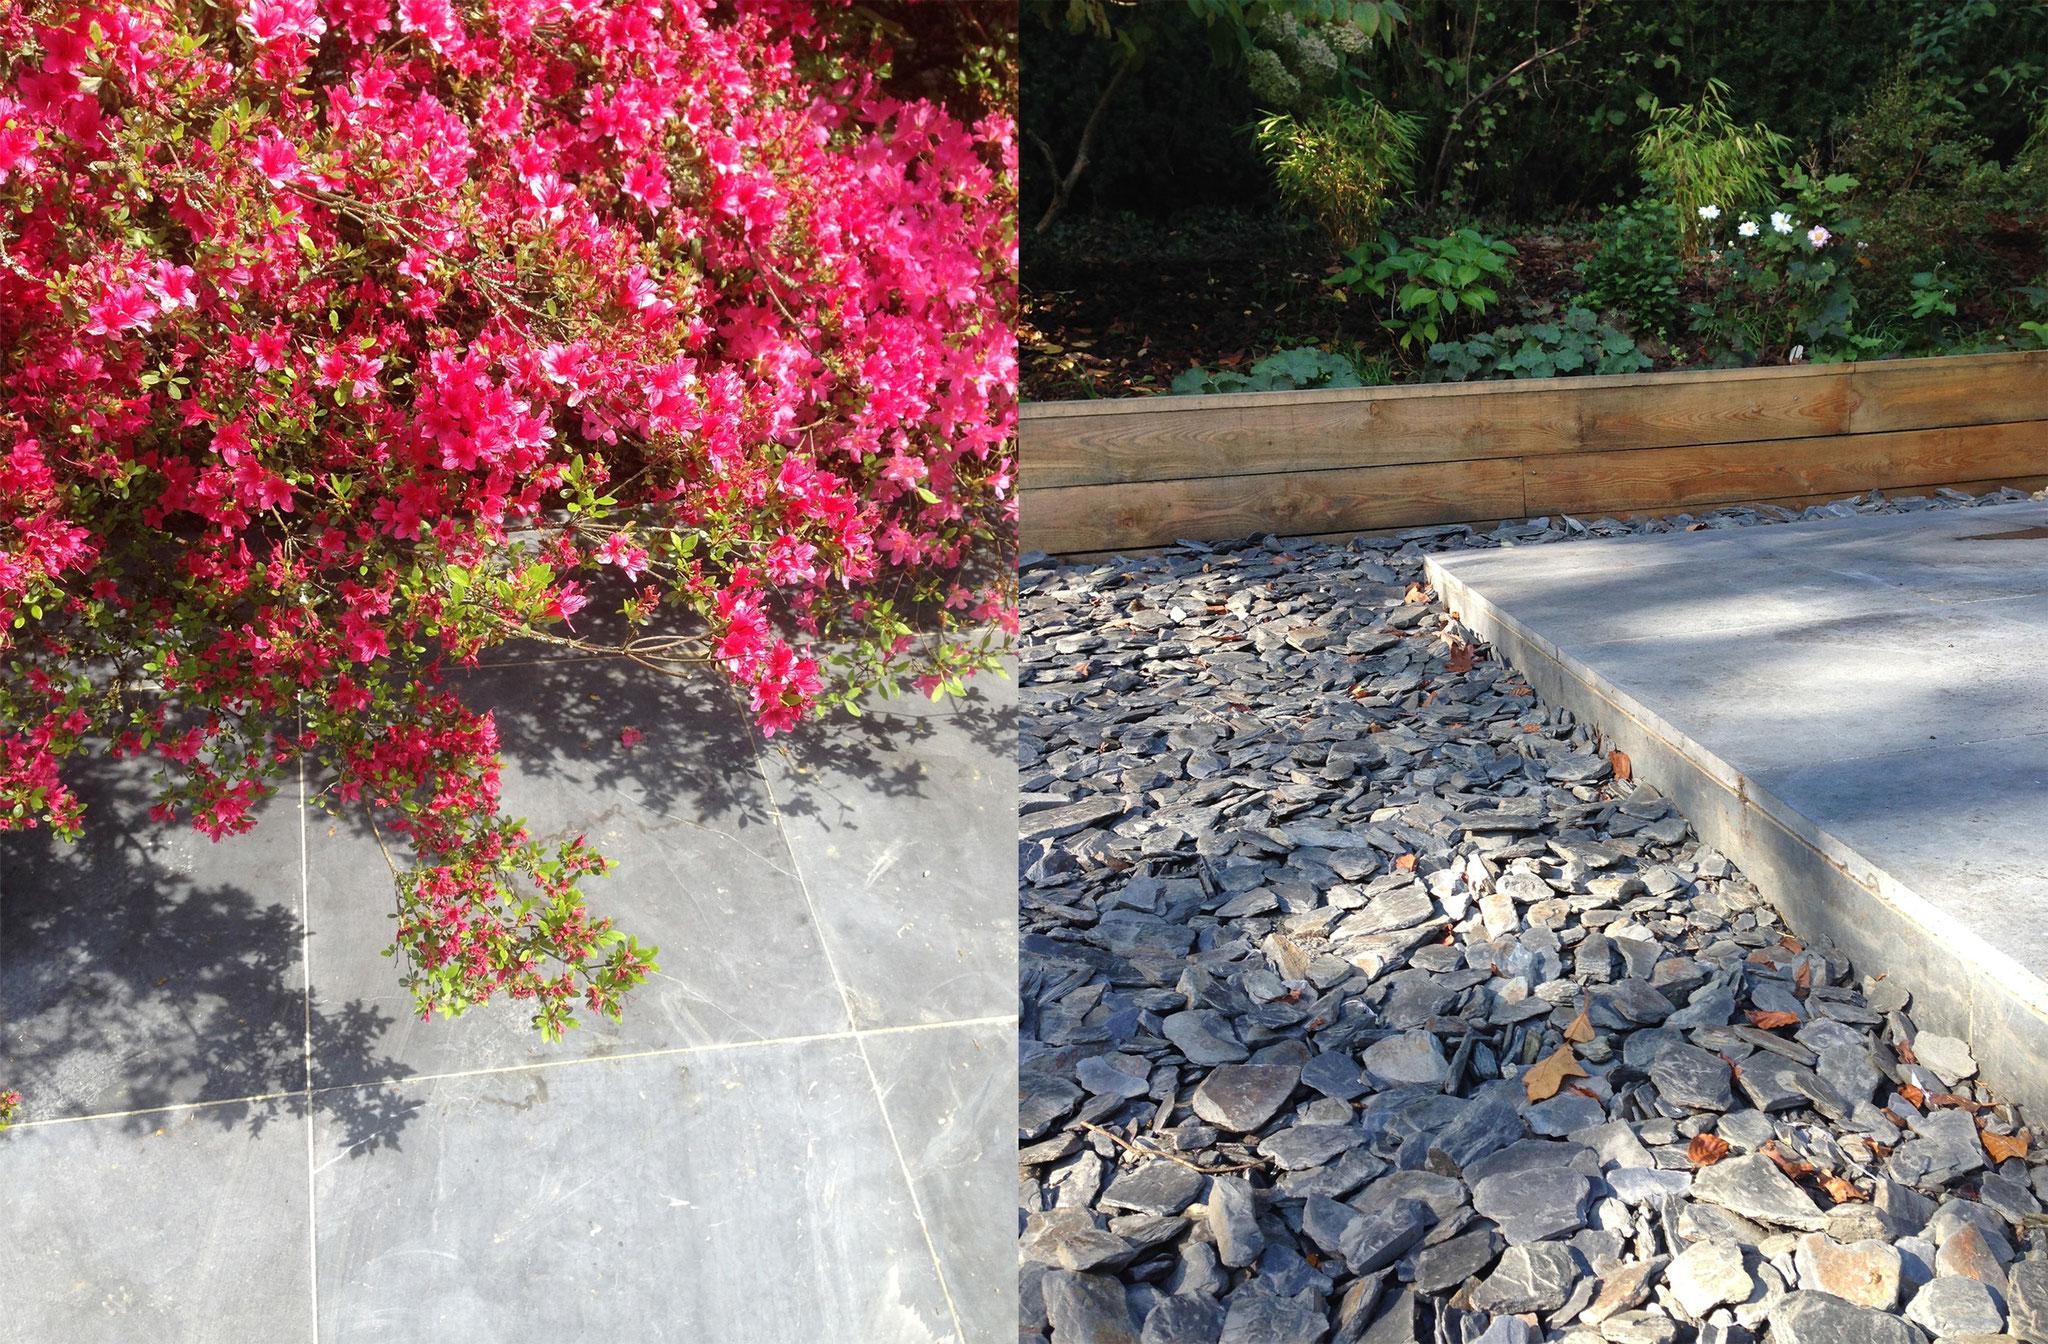 Jardin de 400m2 - Style contemporain - Détail des matériaux - Pierre bleue/ schiste/ Bois. Amenagement jardin Bruxelles